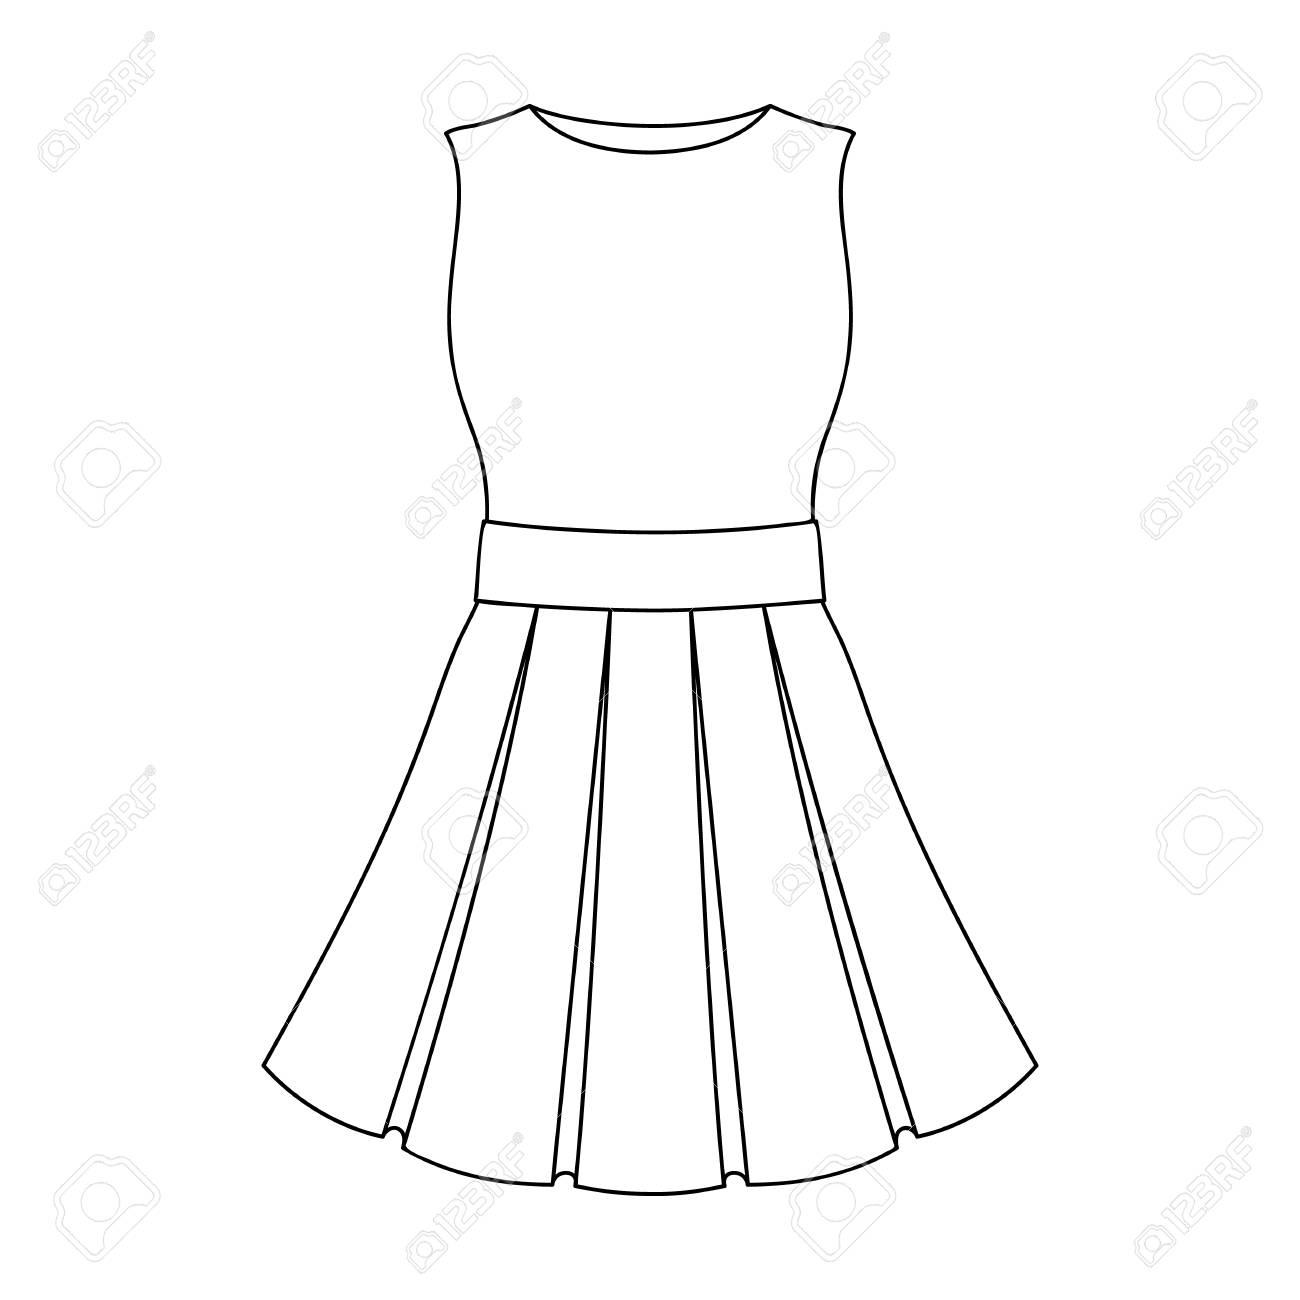 schöne hellrosa sommerkleid ohne Ärmel. kleidung für eine wanderung zum  beach.women kleidung einzelnen symbol im umriss-stil vektor-symbol stock